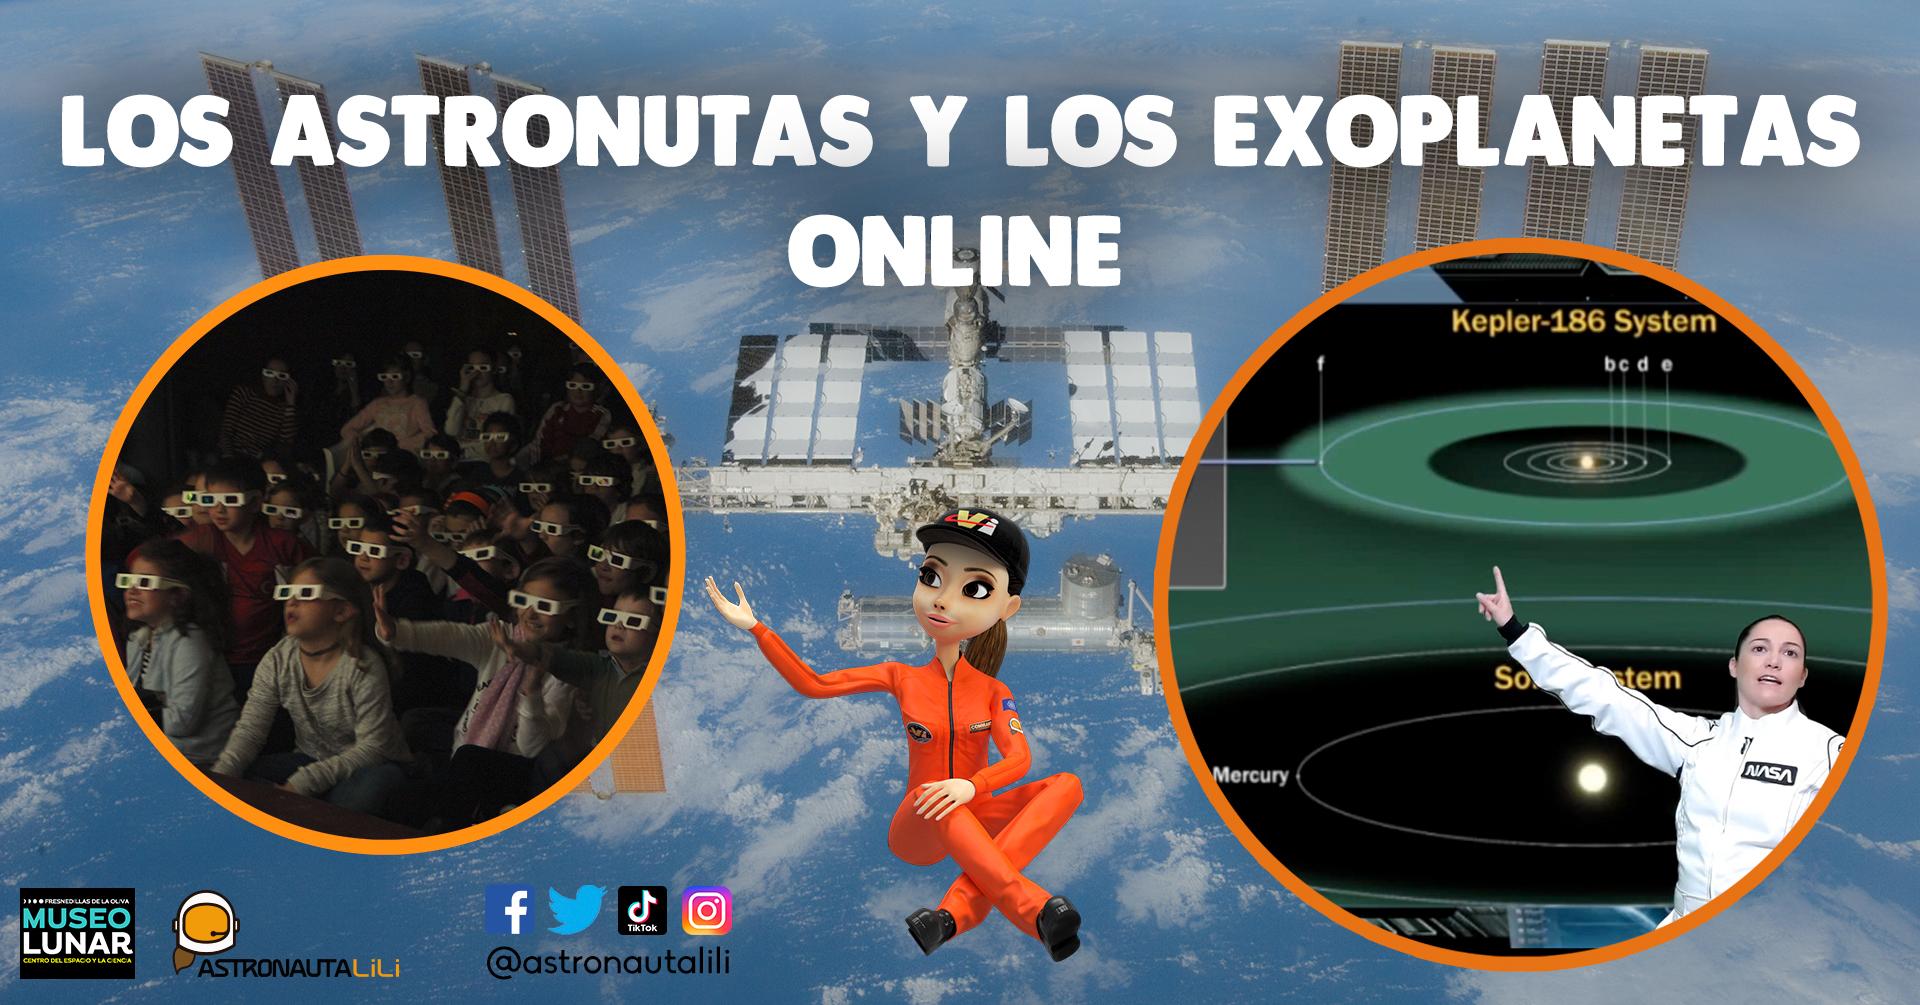 Taller STEAM Los Astronautas y los exoplanetas - Educación Online con la Astronauta LiLi